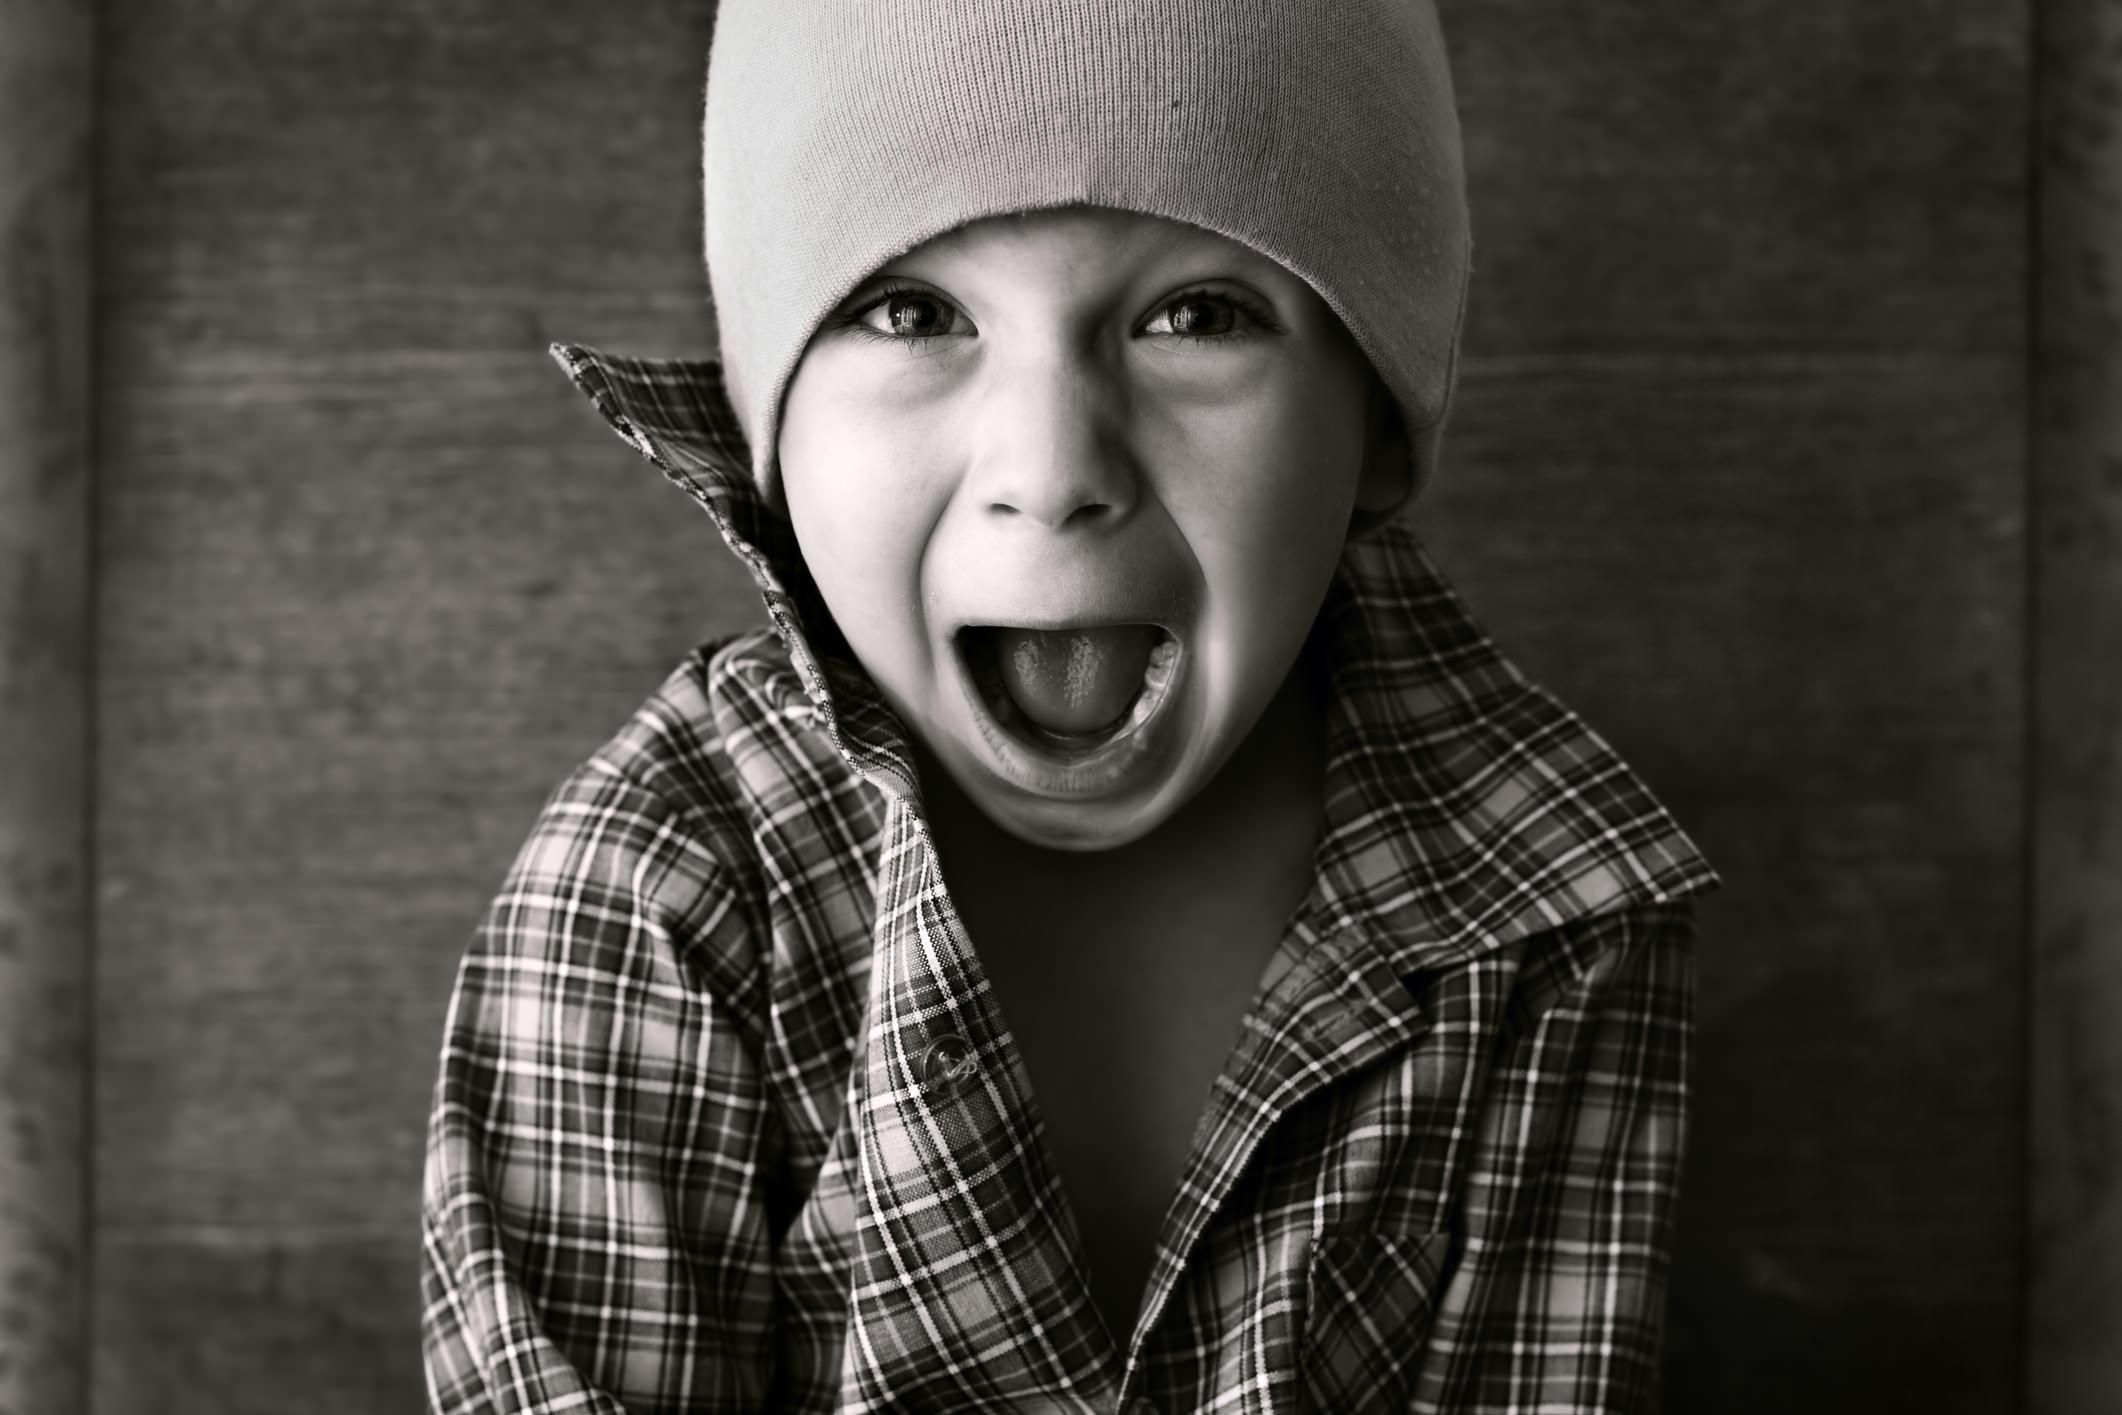 8 consigli per scattare fotografie in Bianco e Nero mozzafiato